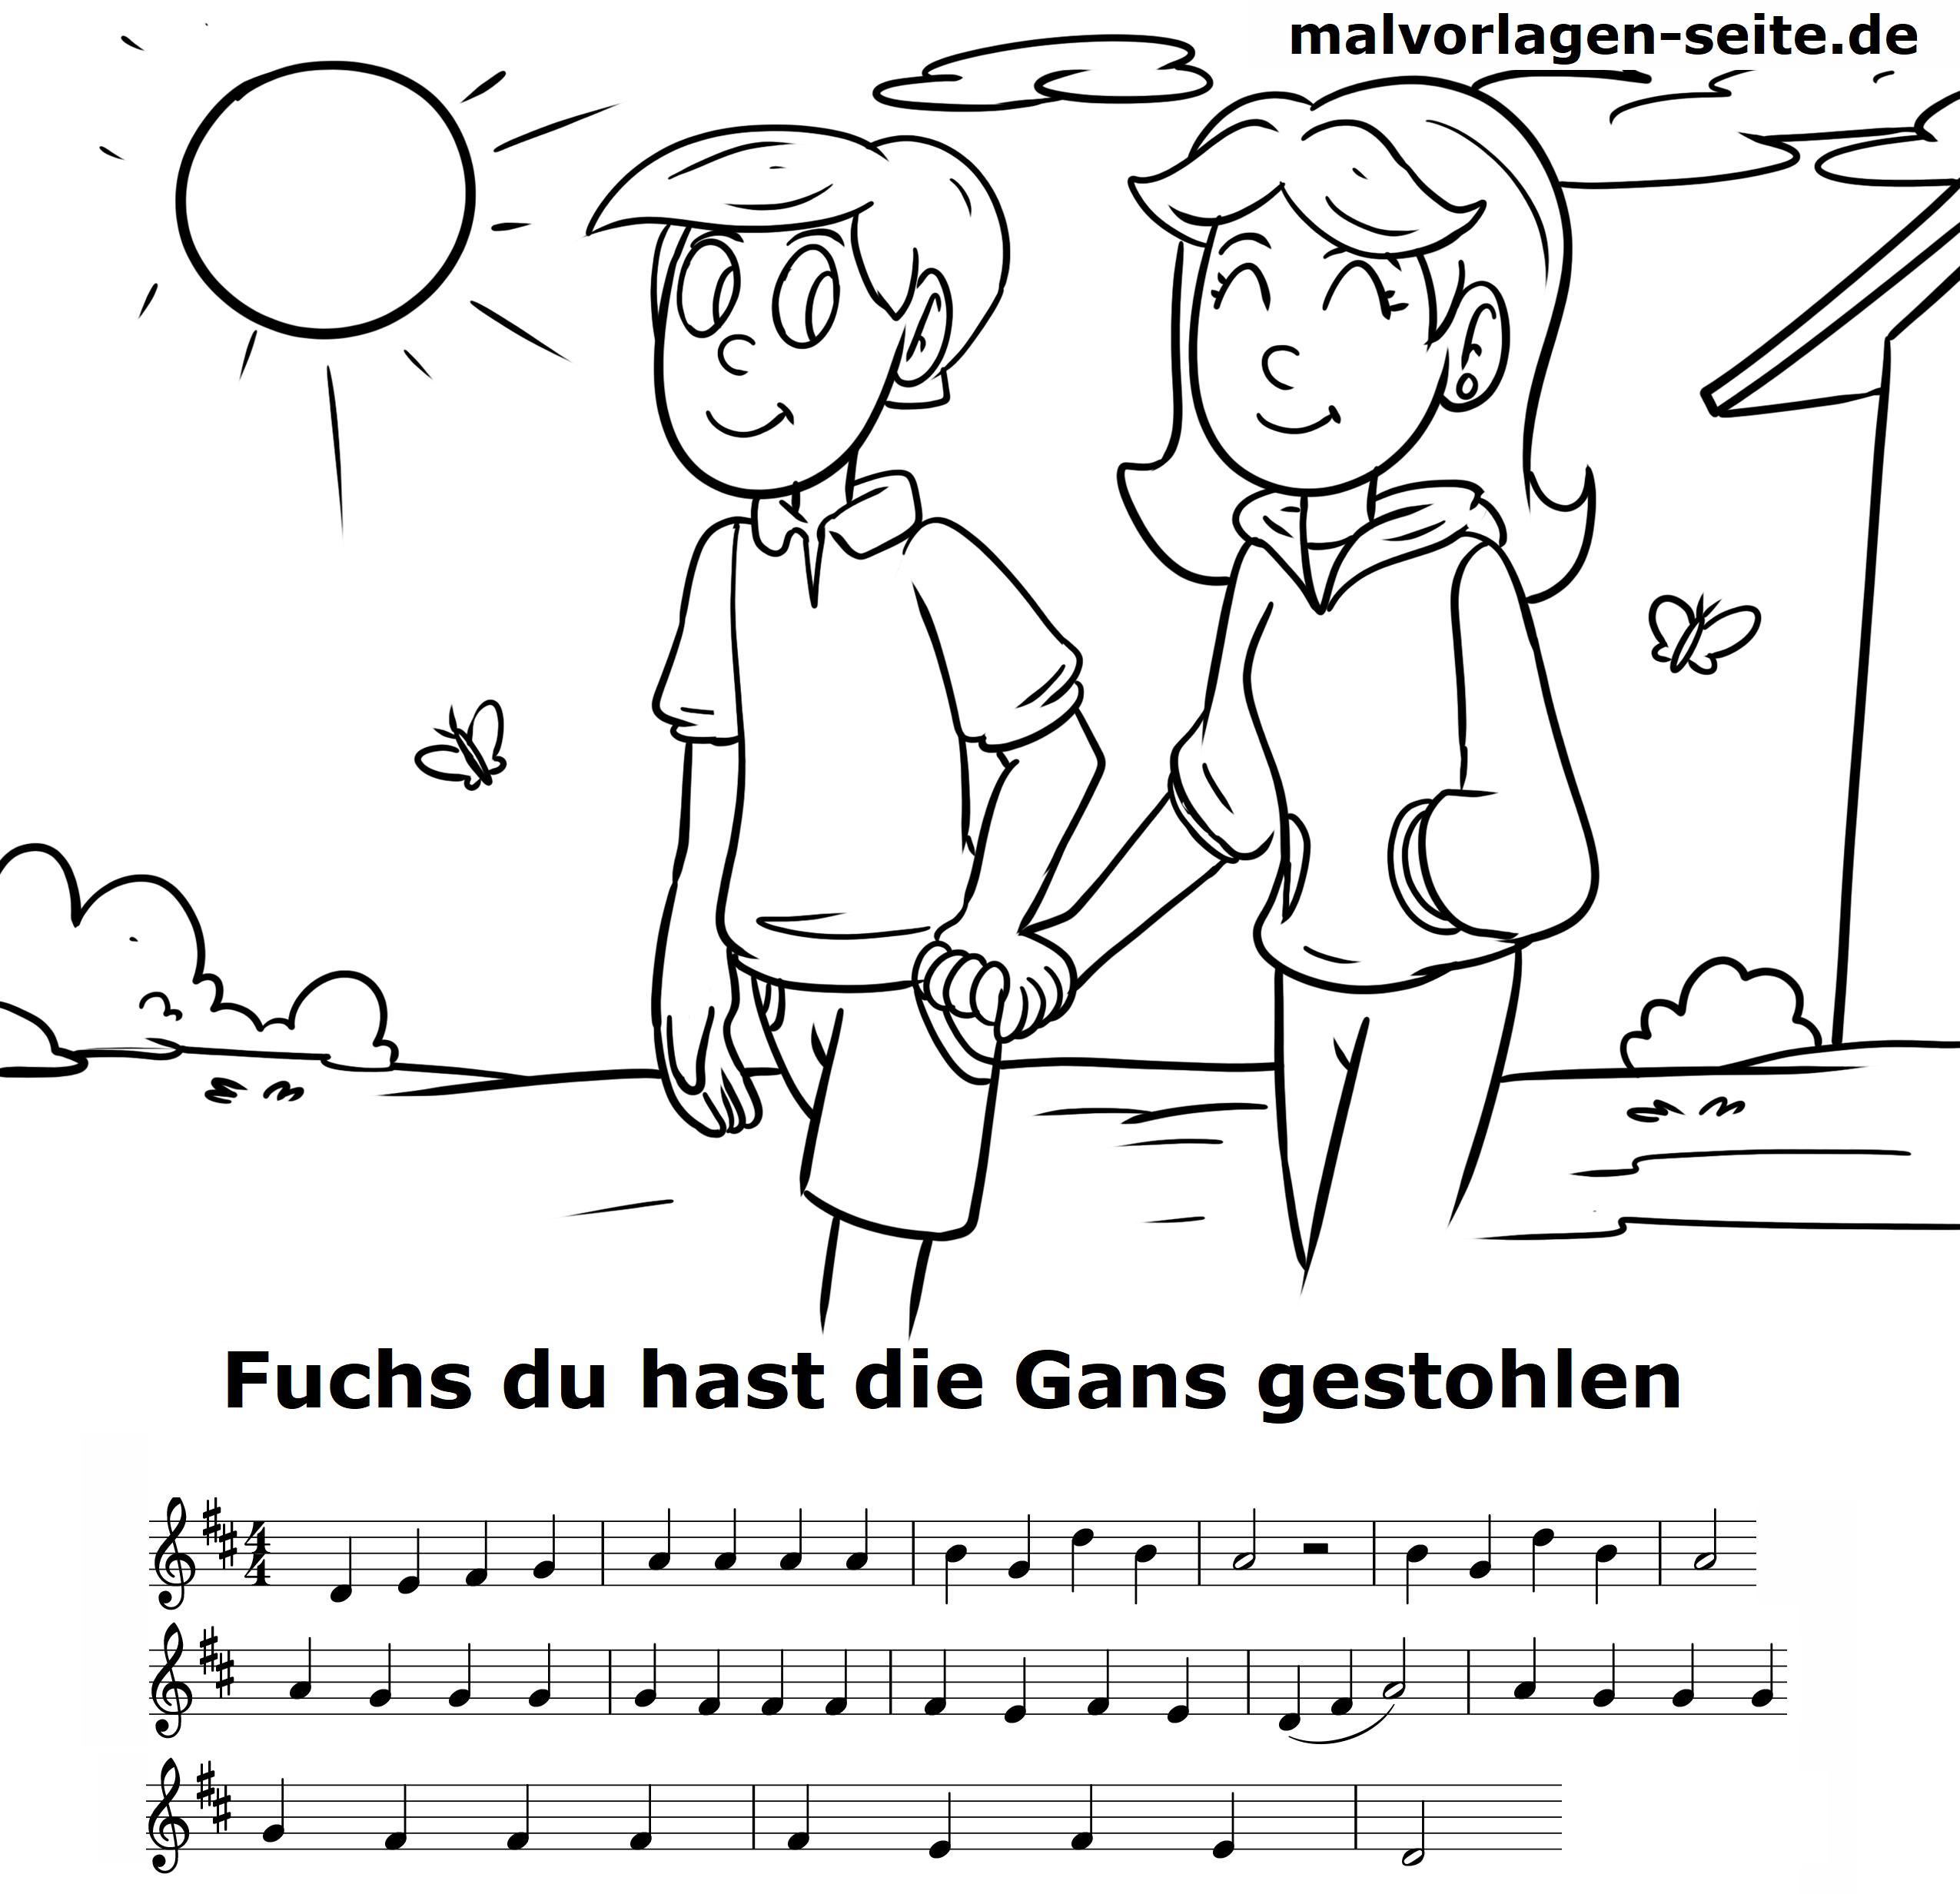 Fuchs Du Hast Die Gans Gestohlen Noten Und Text Zum Ausdrucken